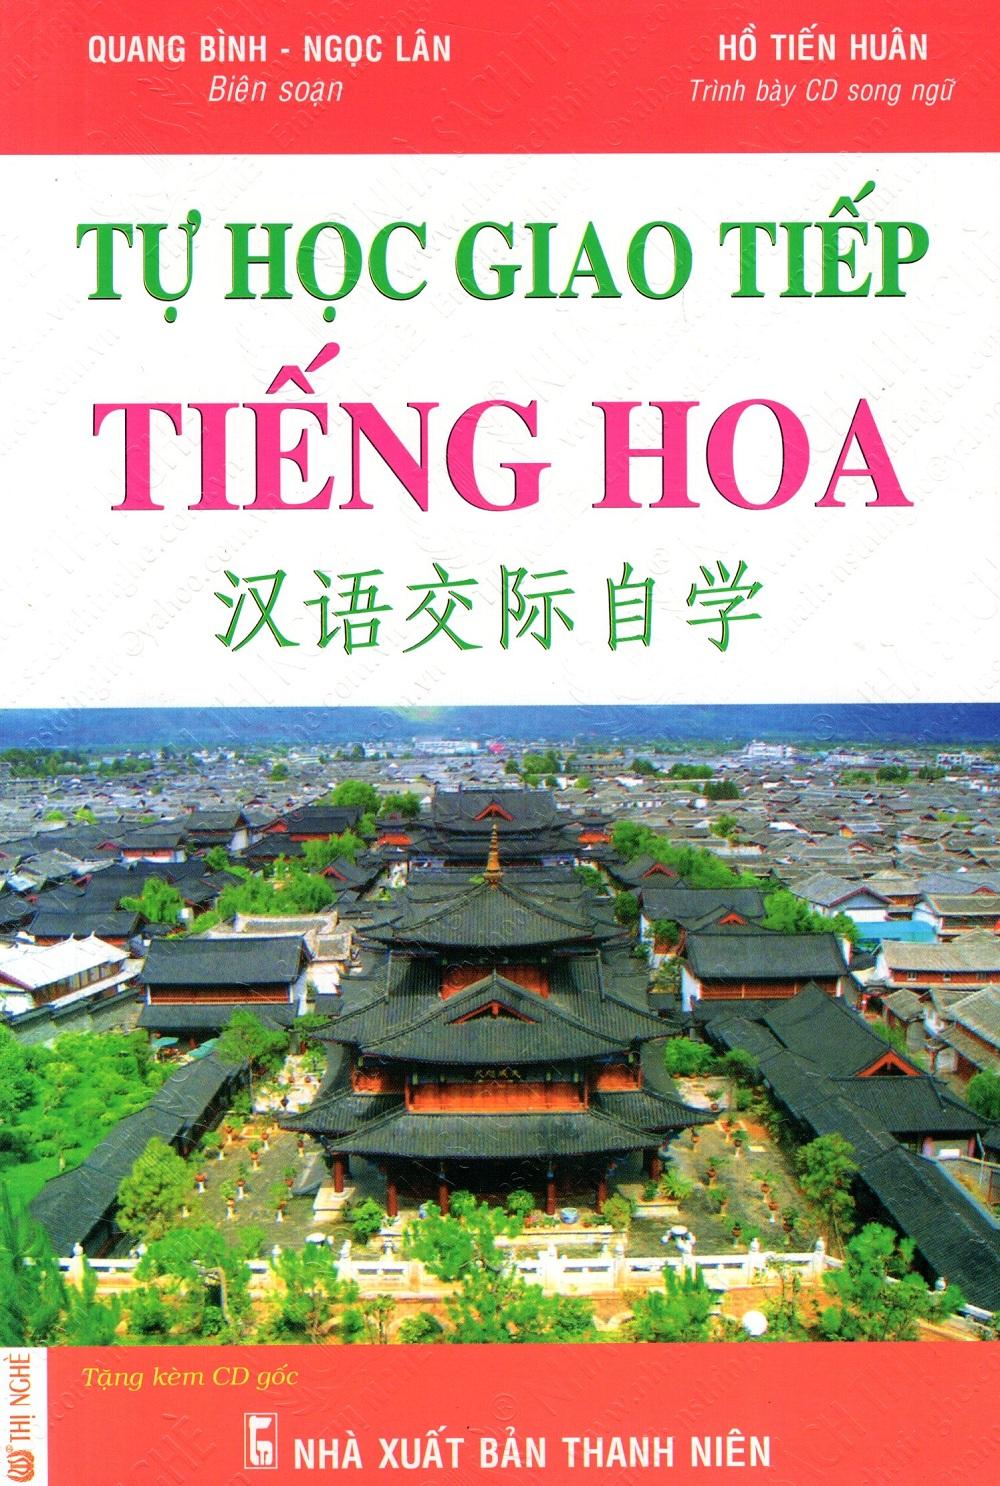 Tự Học Giao Tiếp Tiếng Hoa (Kèm CD)